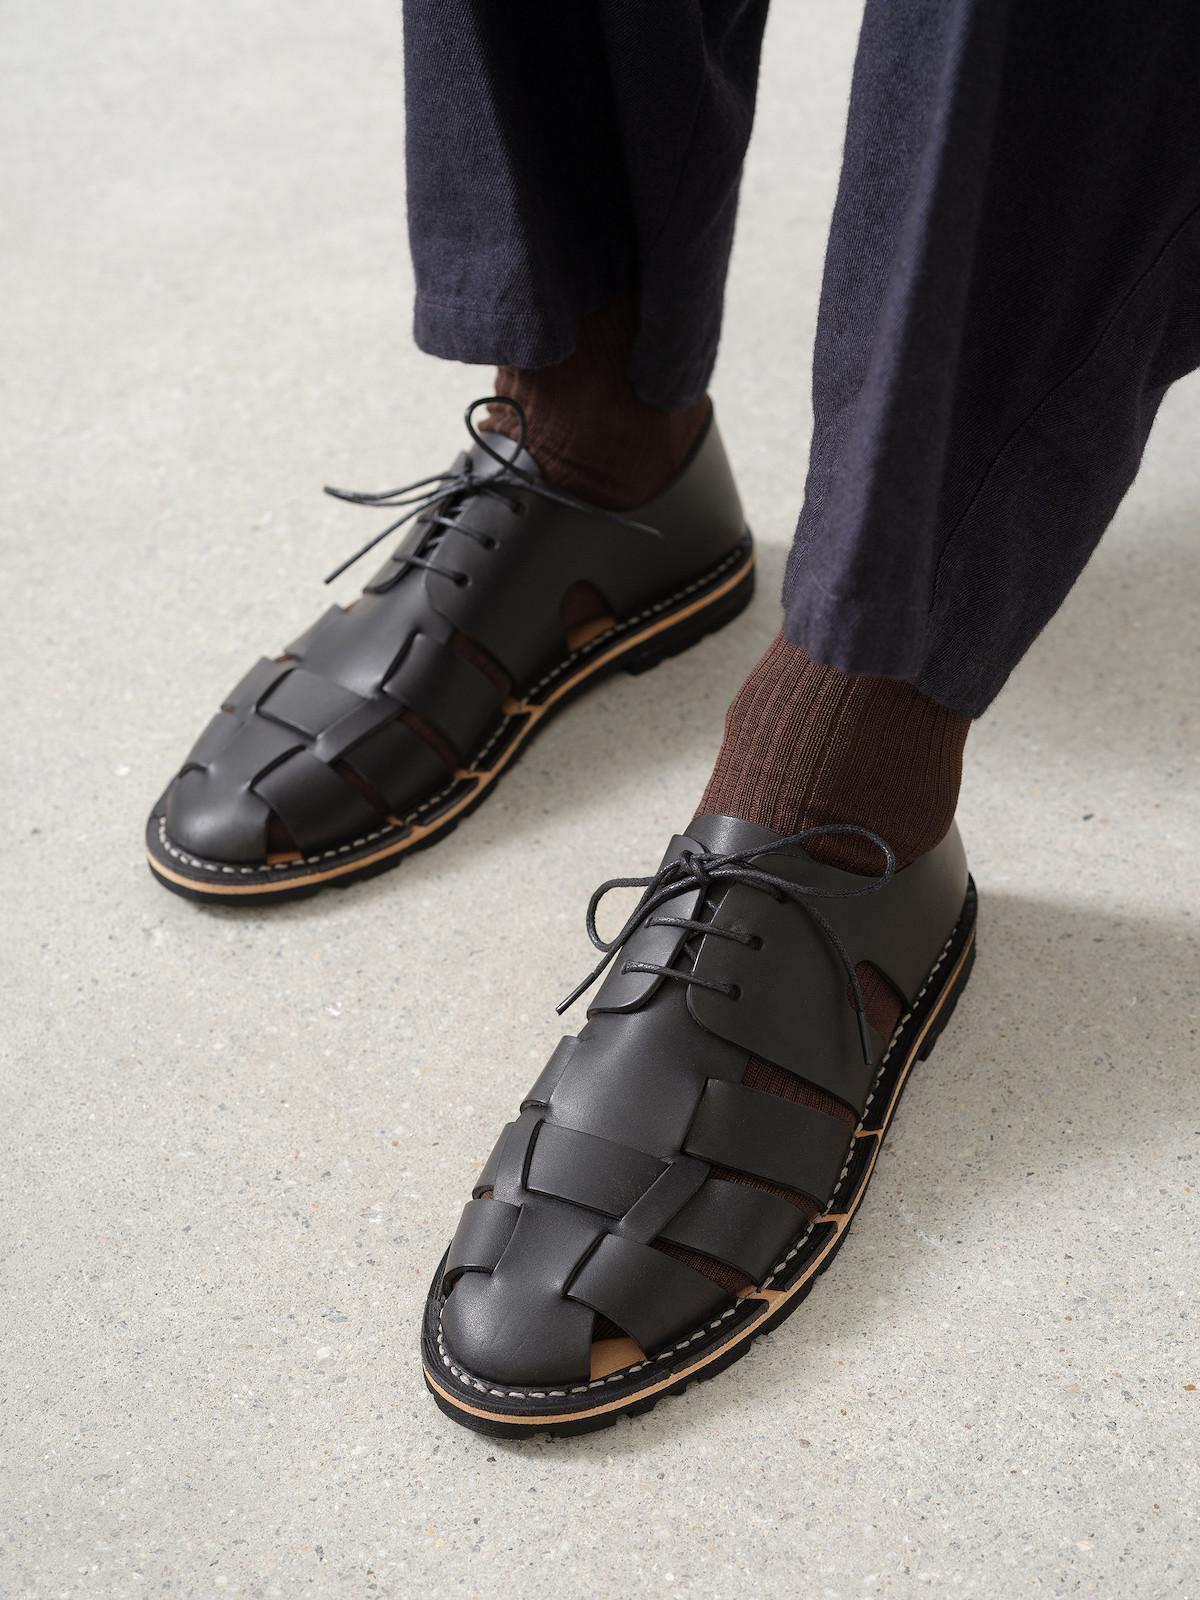 Artisanal shoes Image